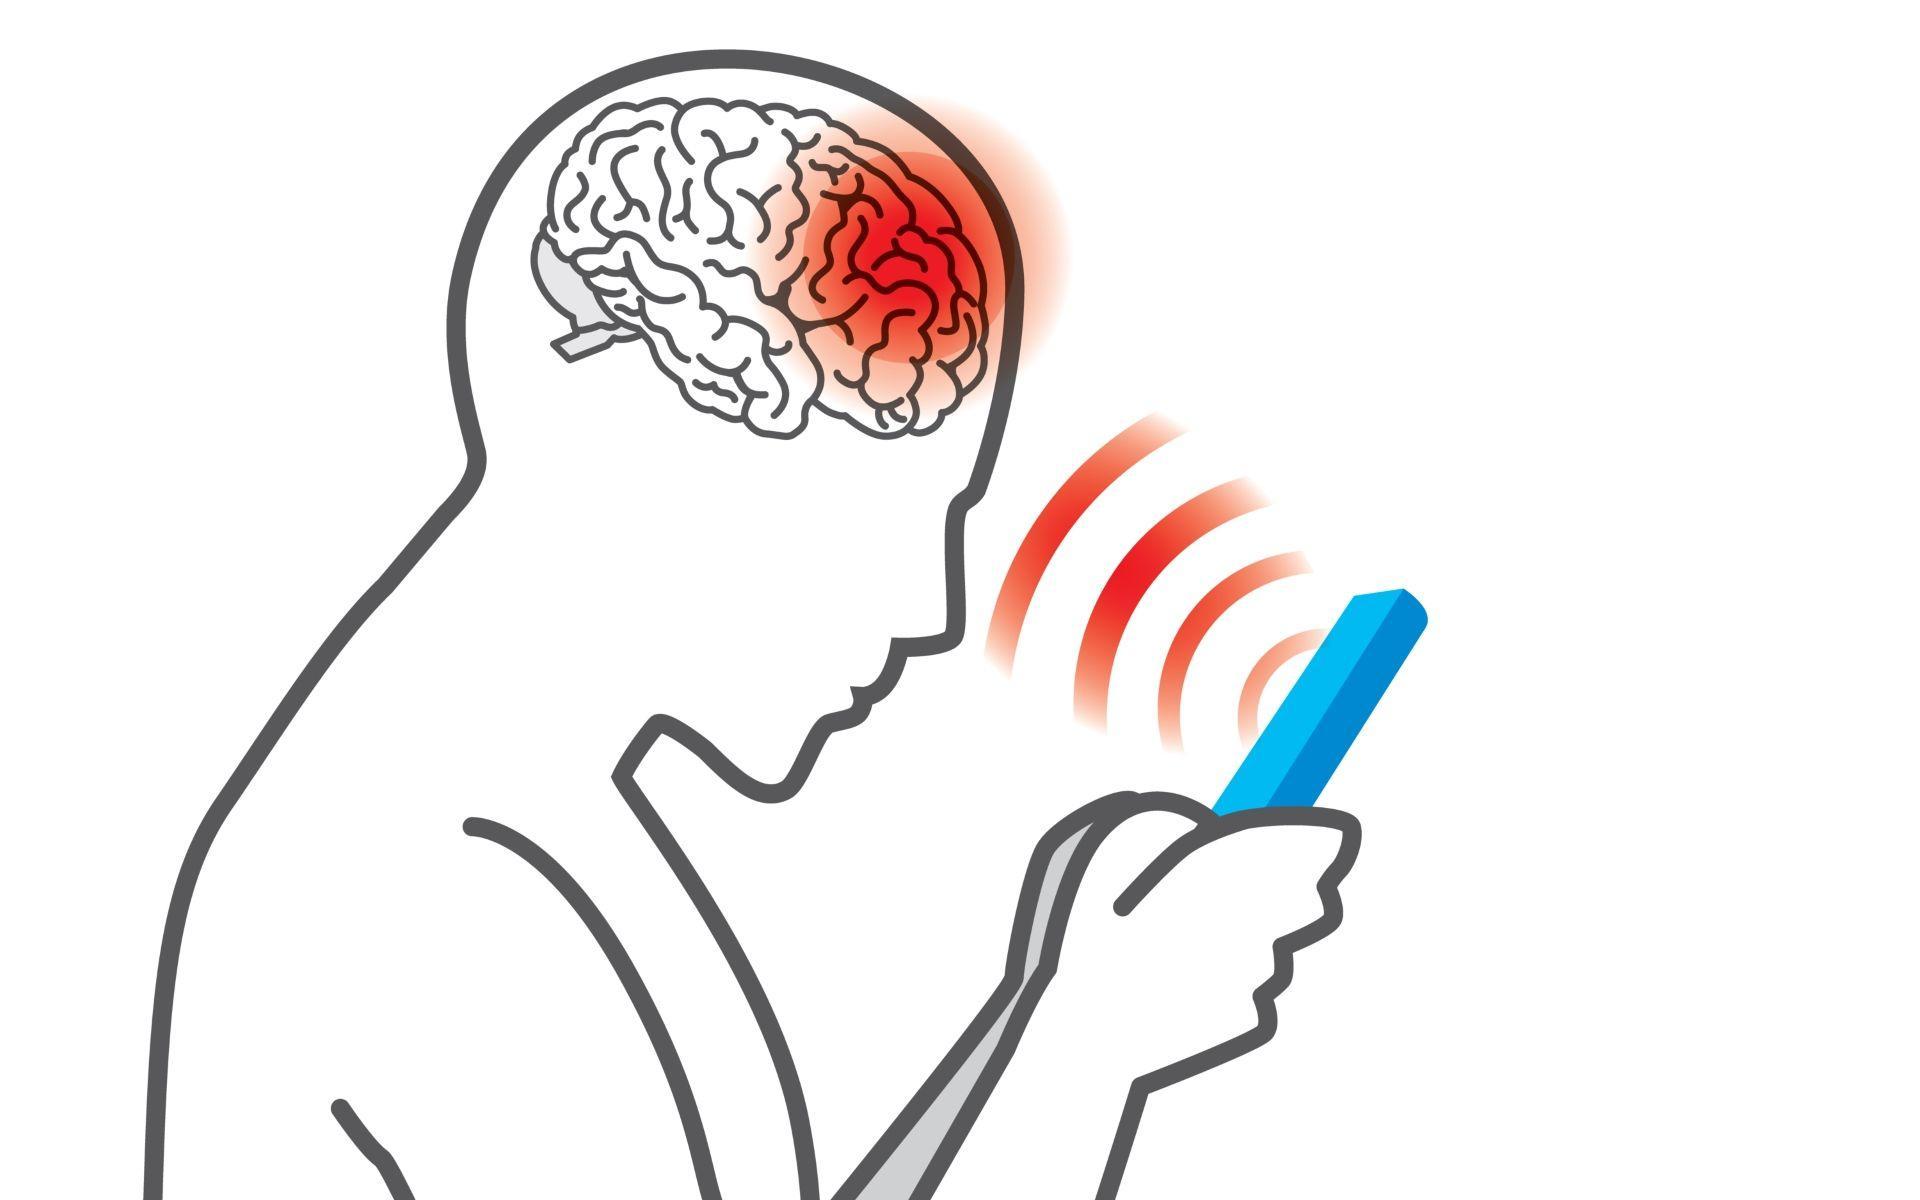 Вызывают ли мобильные телефоны рак